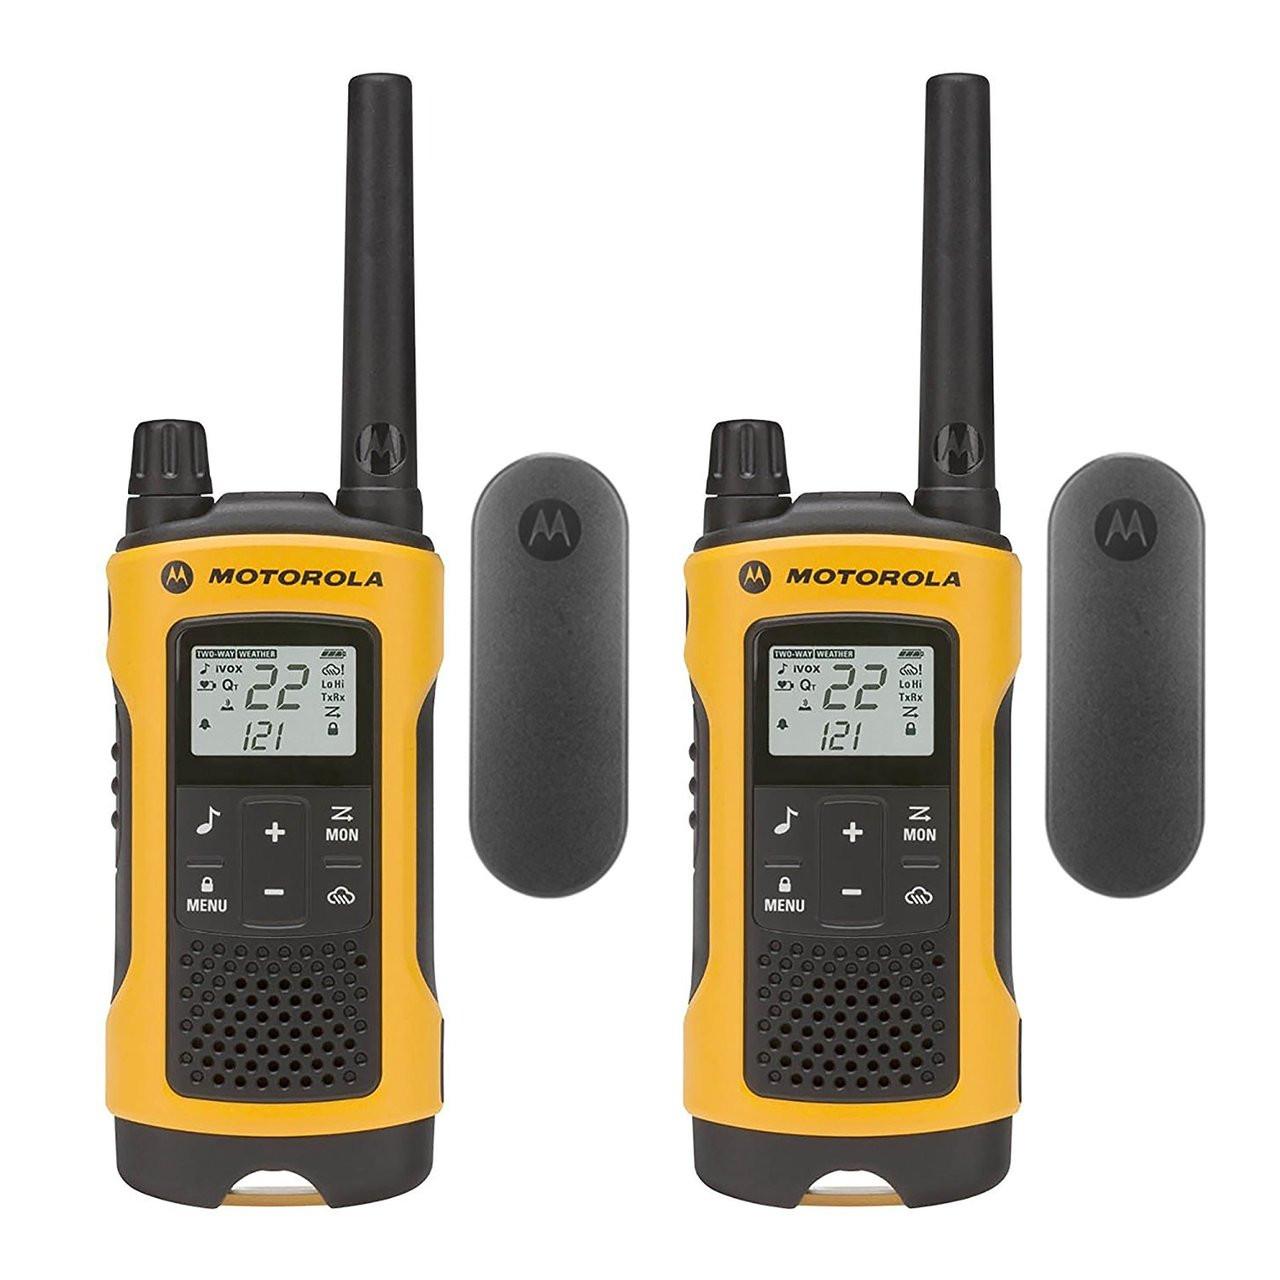 Motorola T402 Talkabout Walkie Talkies, Pack of 6